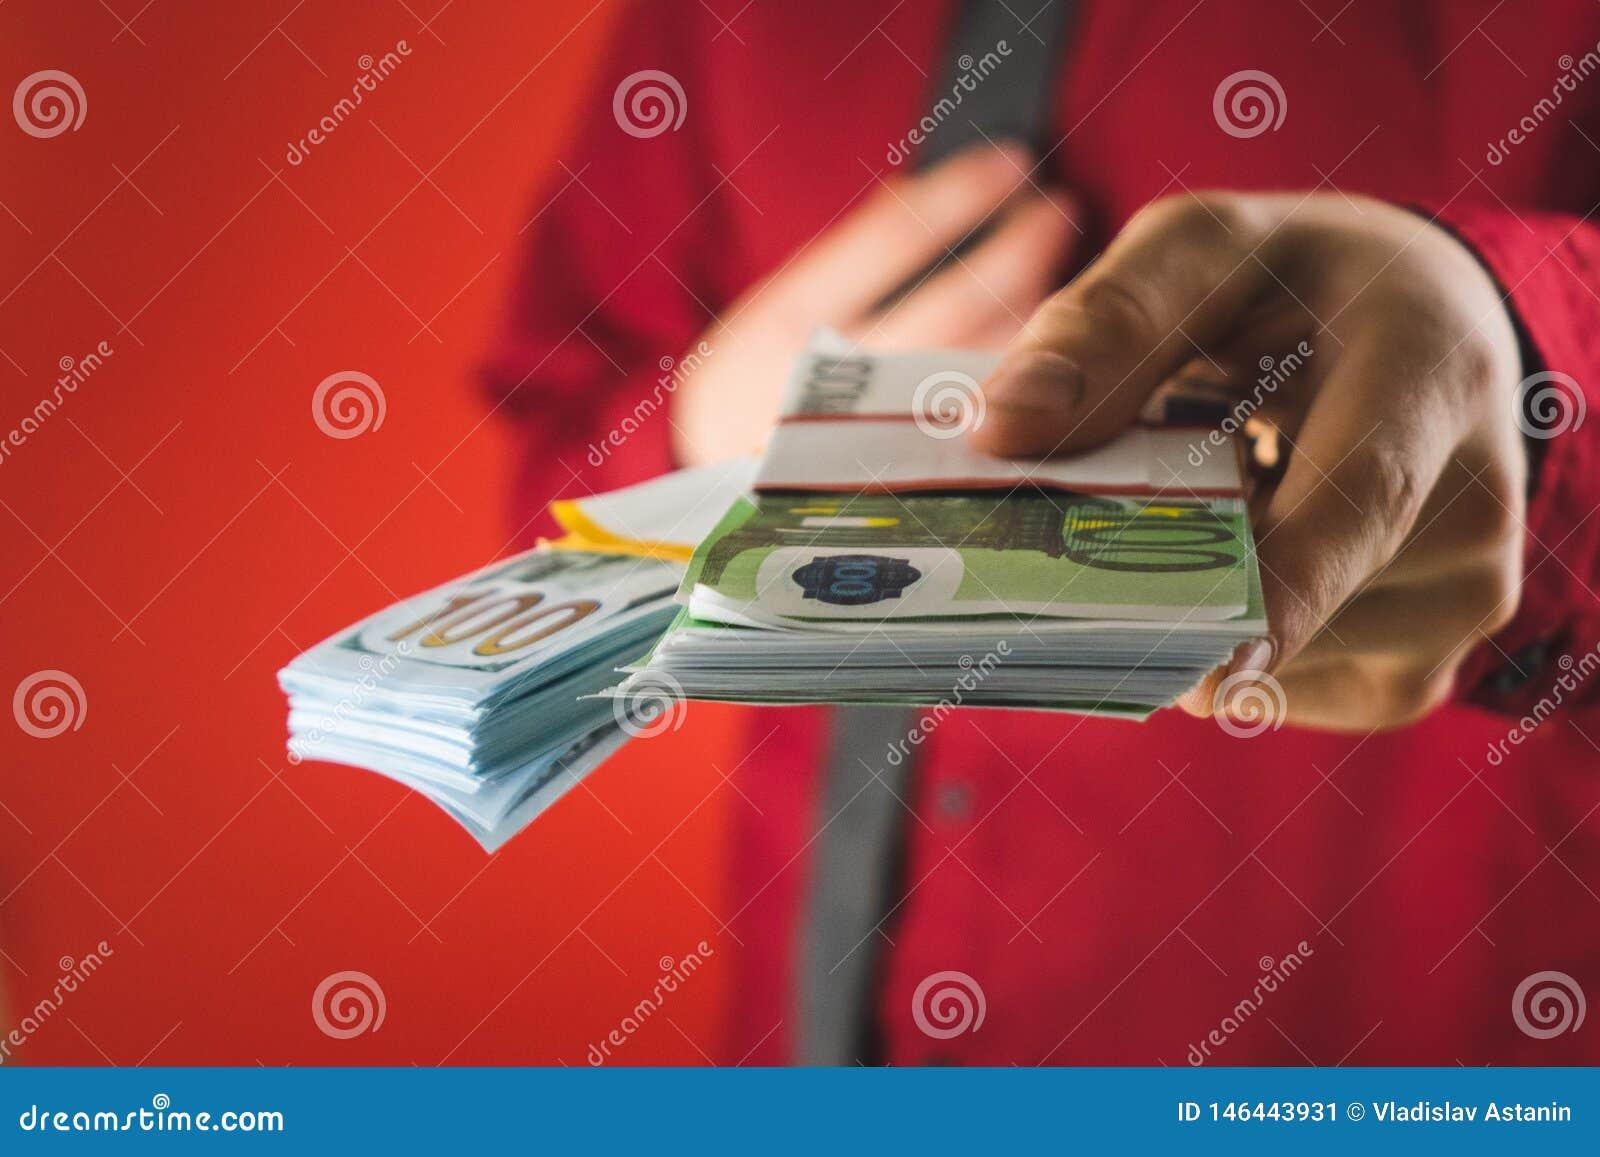 Ein Mann in einem roten Hemd mit einer Karte hält in seiner Hand ein Pack von Rechnungen auf einem roten Hintergrund